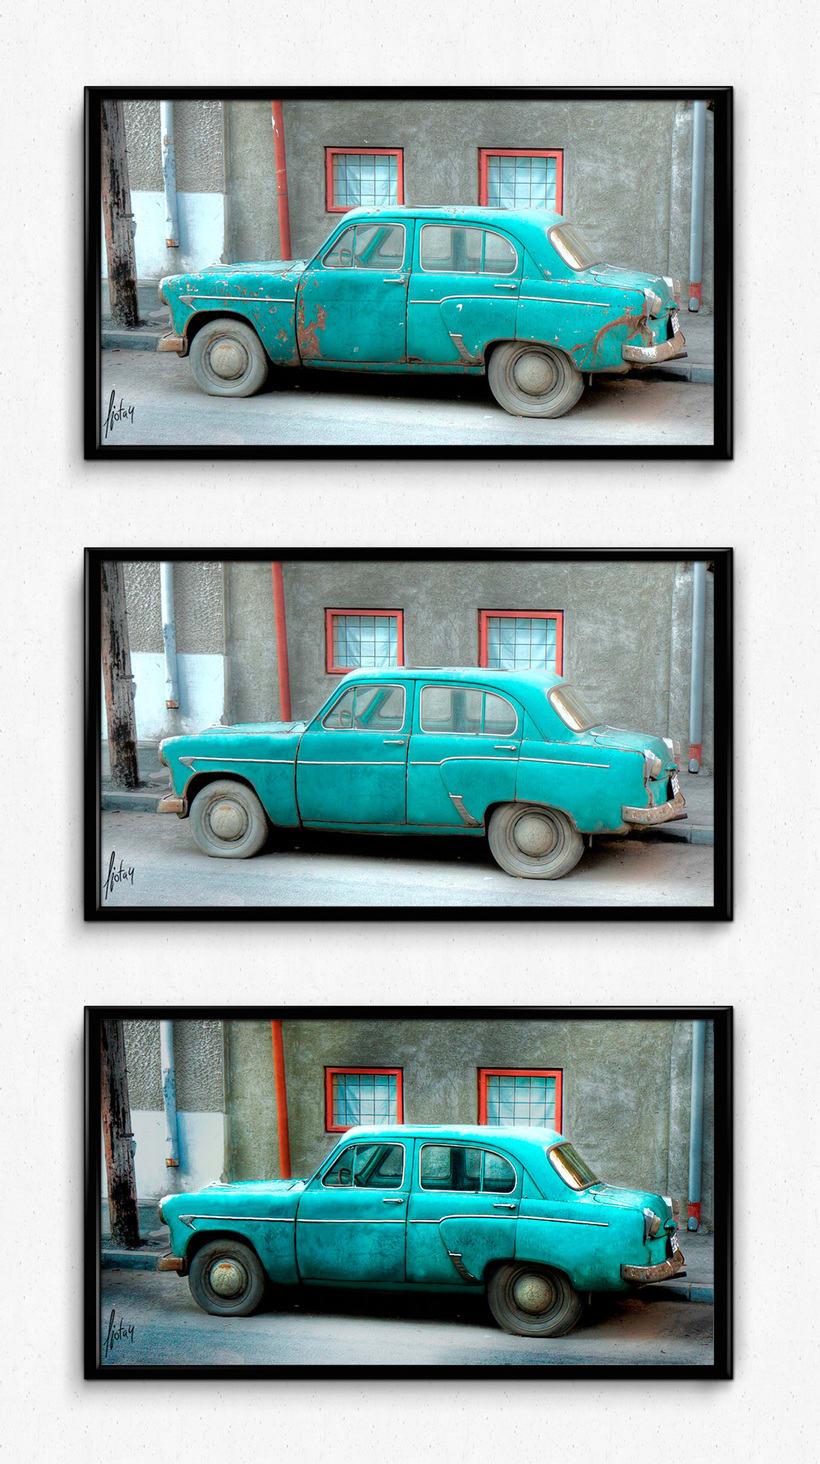 Retoque digital - Old Car 1